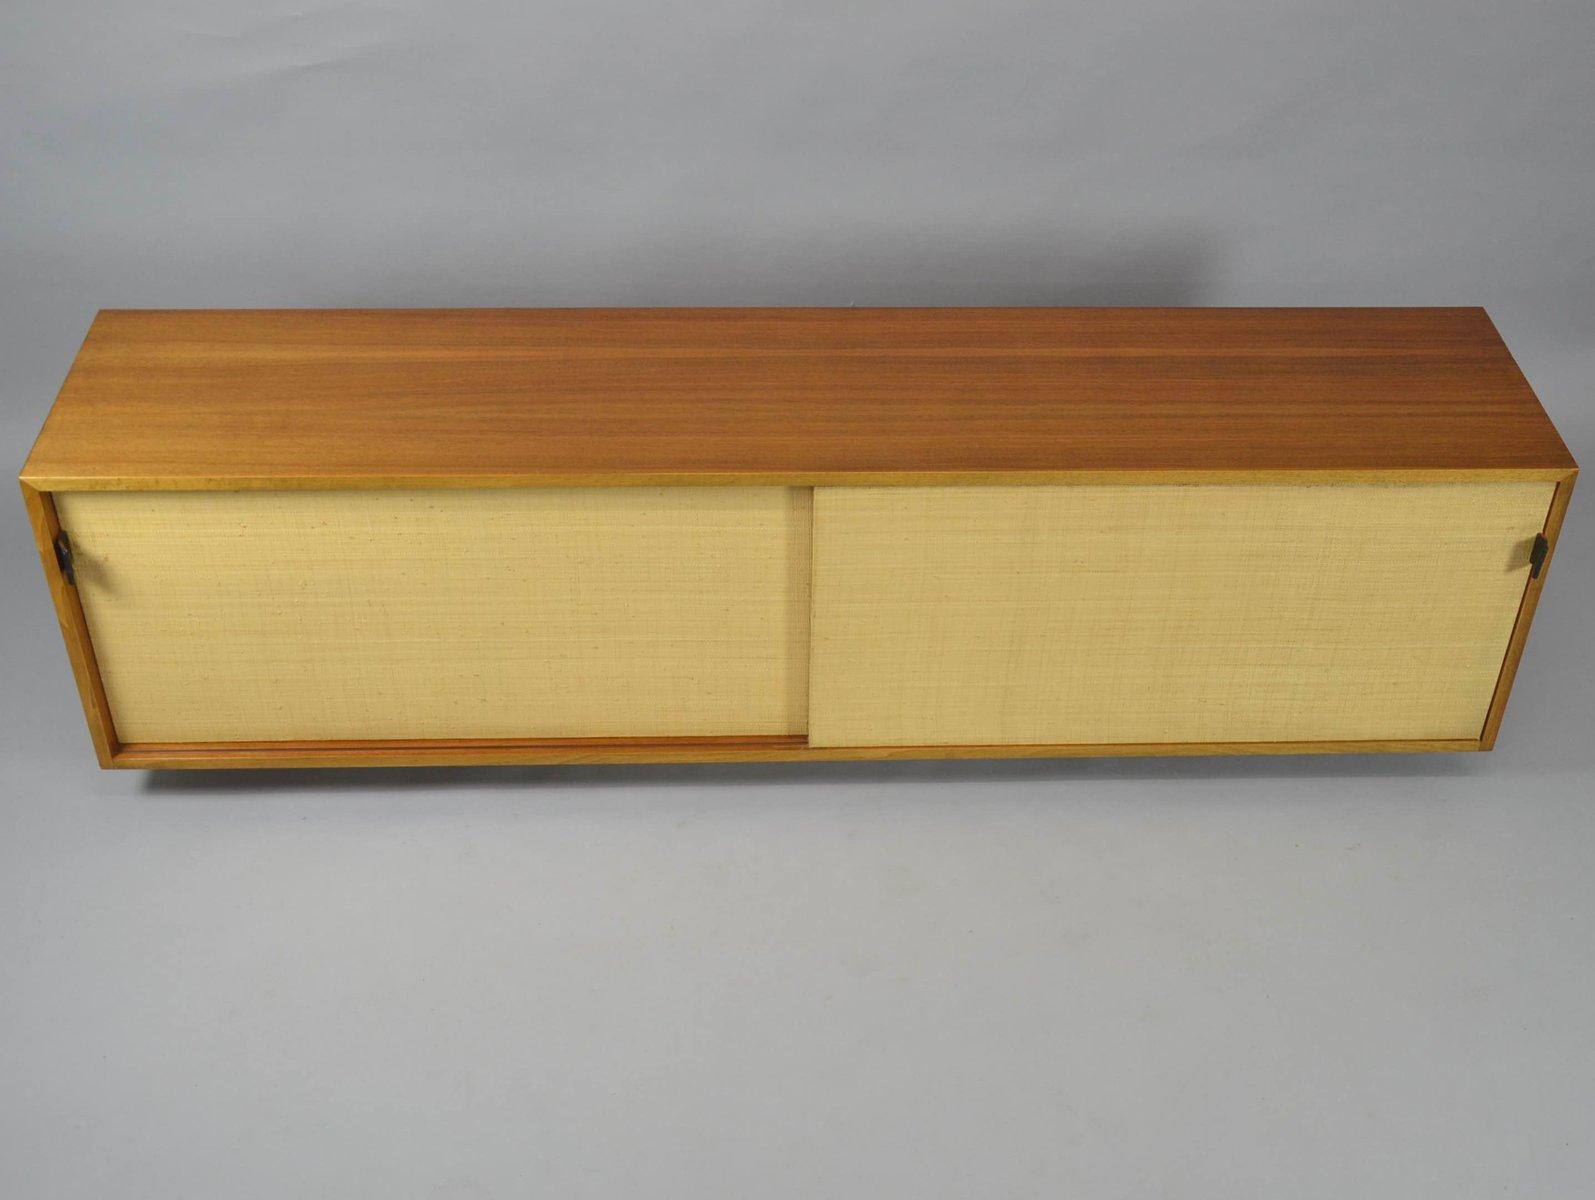 schwebender vintage schrank mit schiebet ren von florence. Black Bedroom Furniture Sets. Home Design Ideas